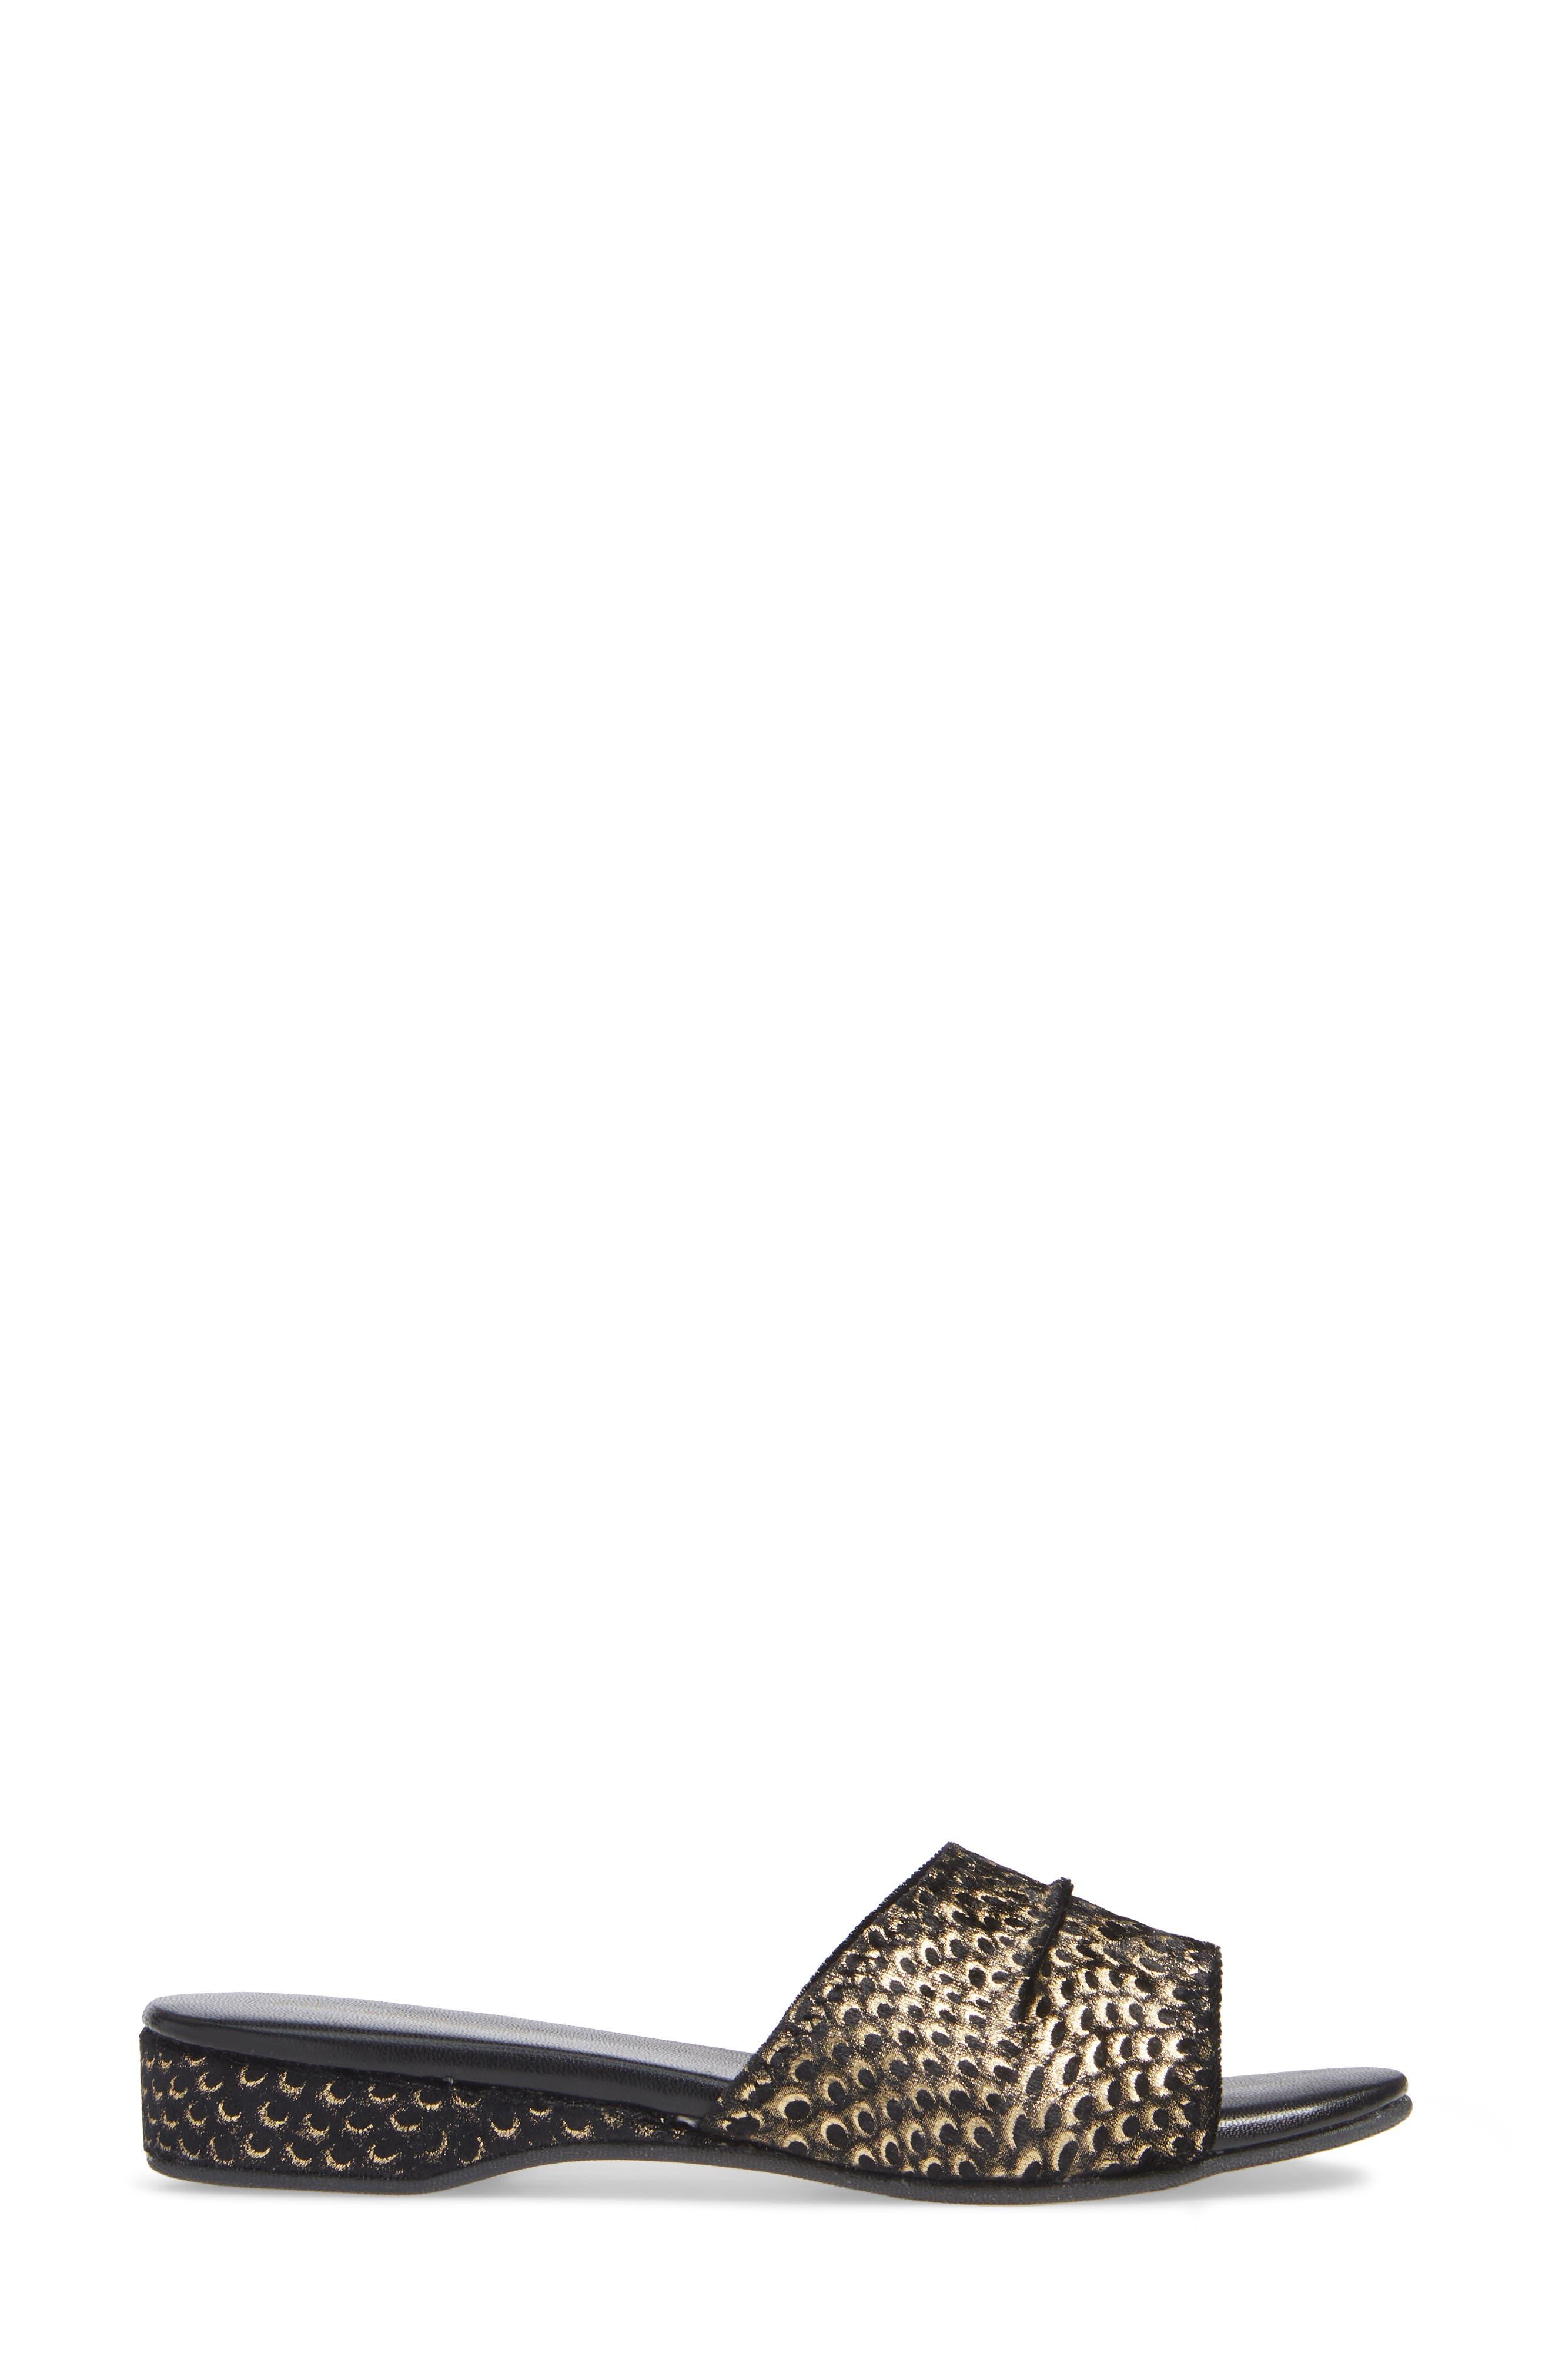 'Dormie' Slipper,                             Alternate thumbnail 3, color,                             001